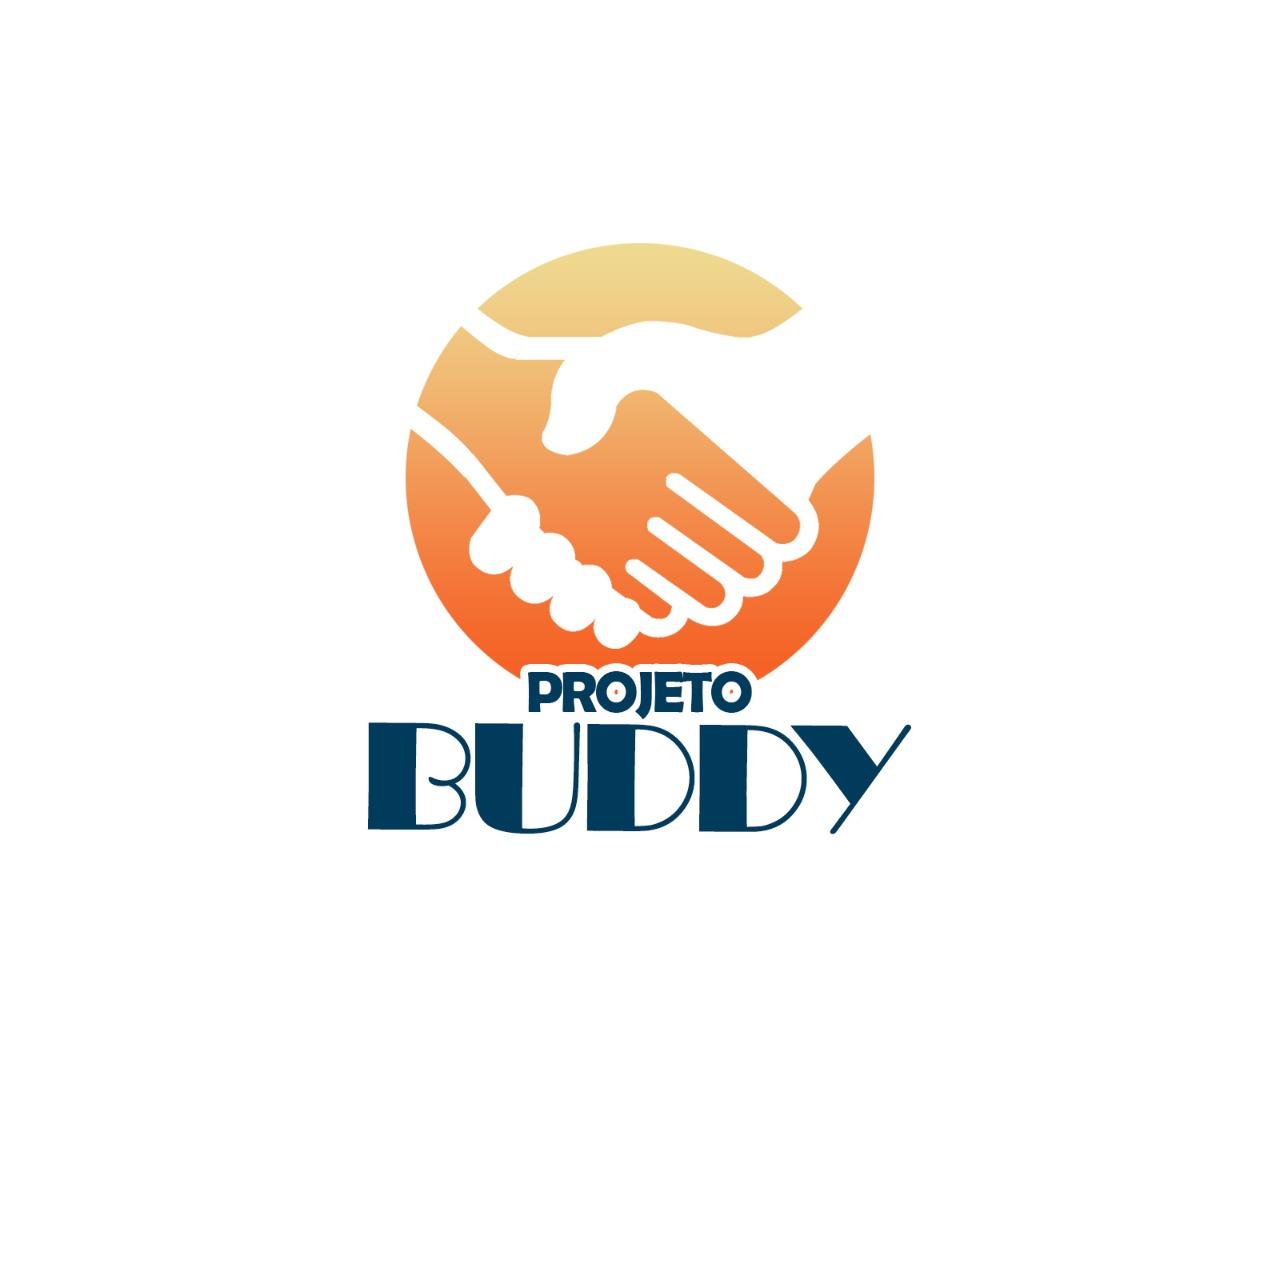 Projeto Buddy está com inscrições abertas para seleção de membros da coordenação